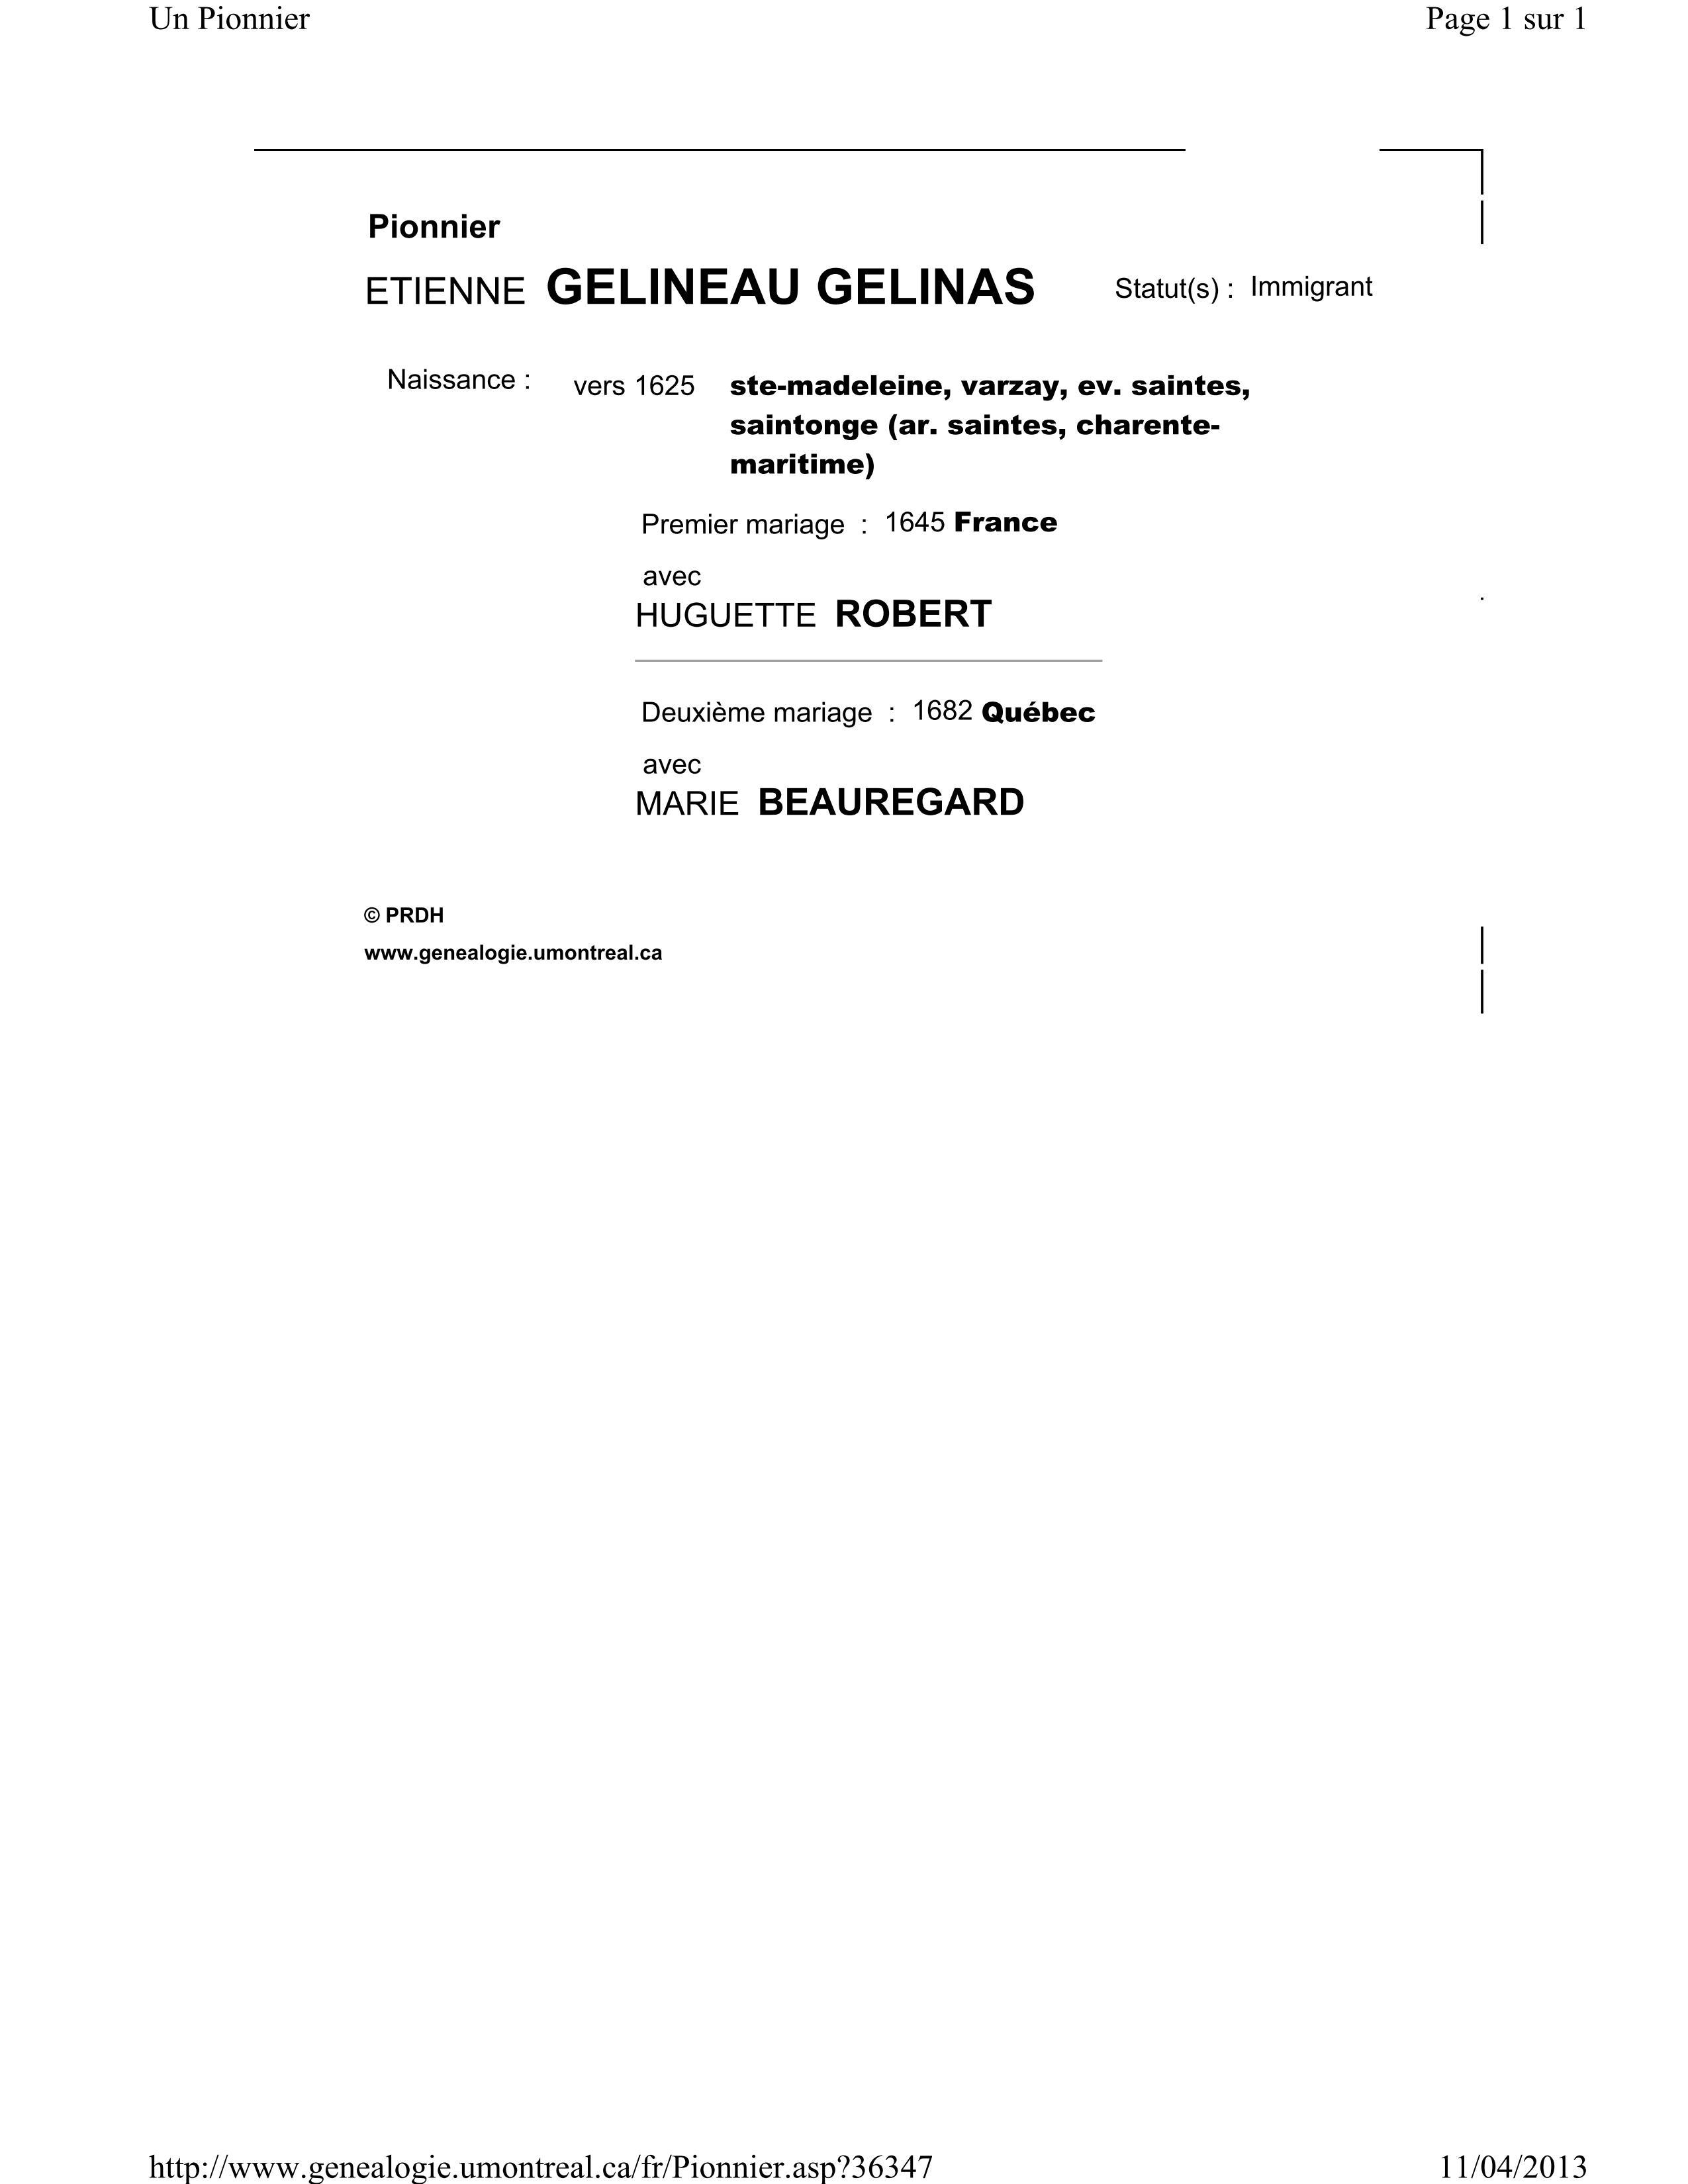 Etienne Gelinas